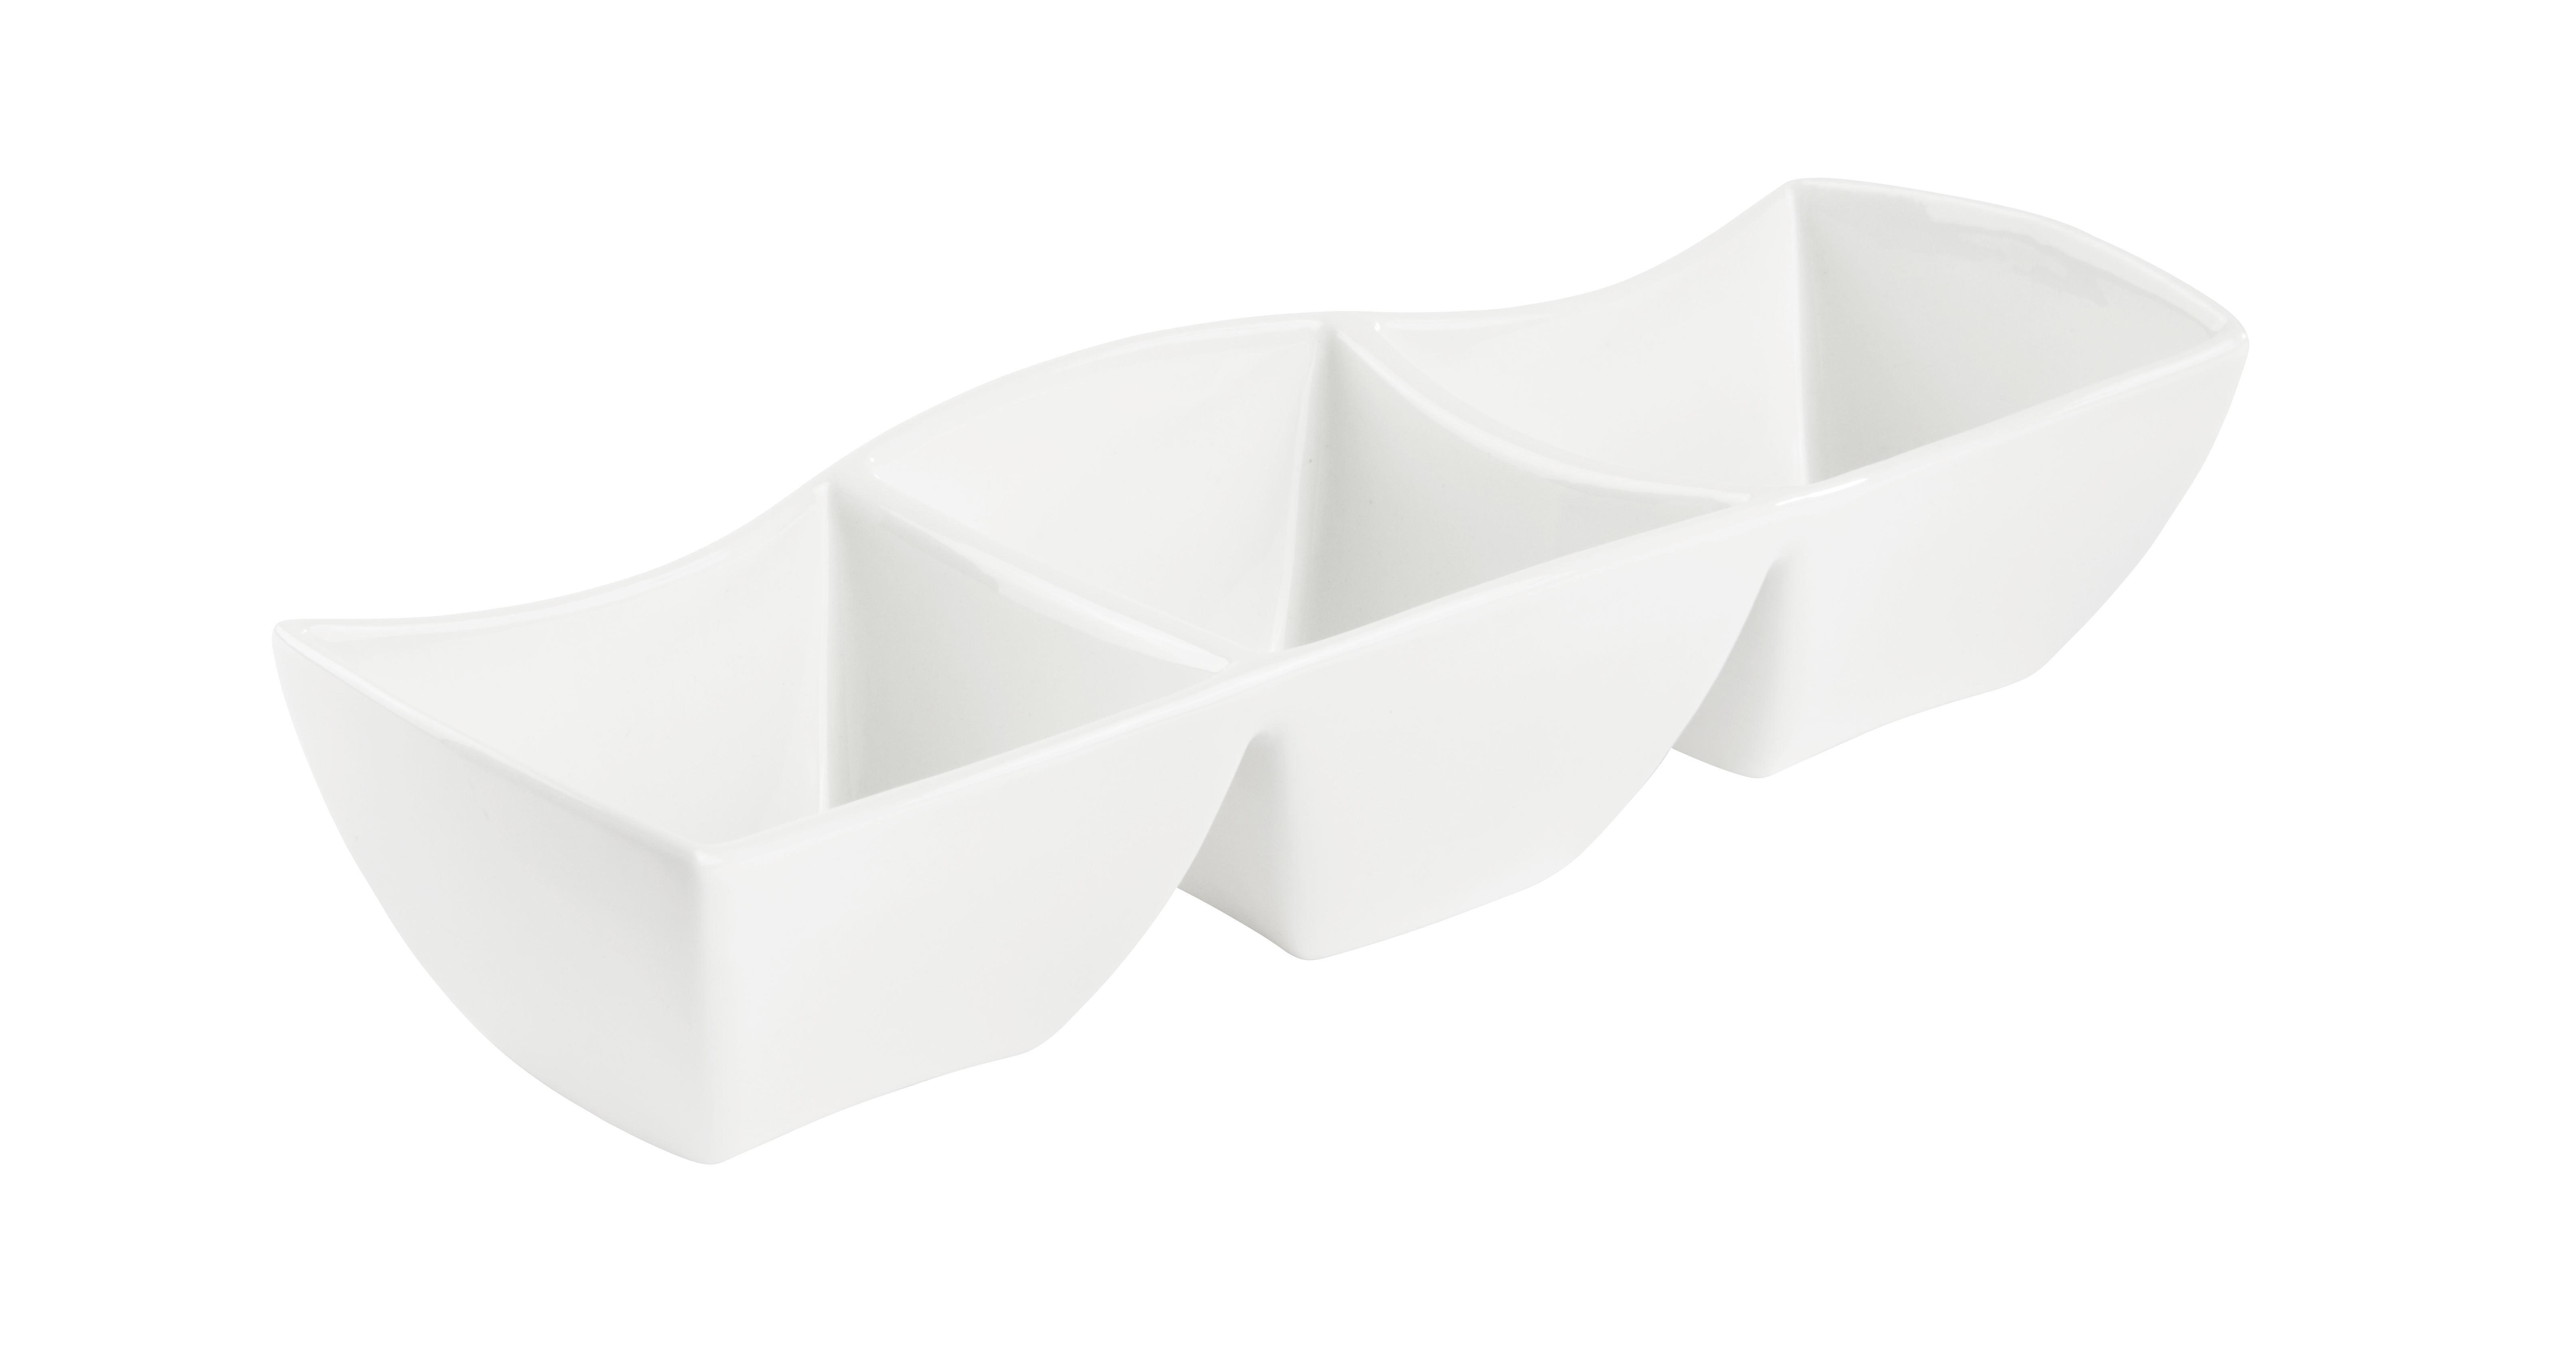 Snack Tál Tacoma - fehér, Lifestyle, kerámia (30cm) - premium living